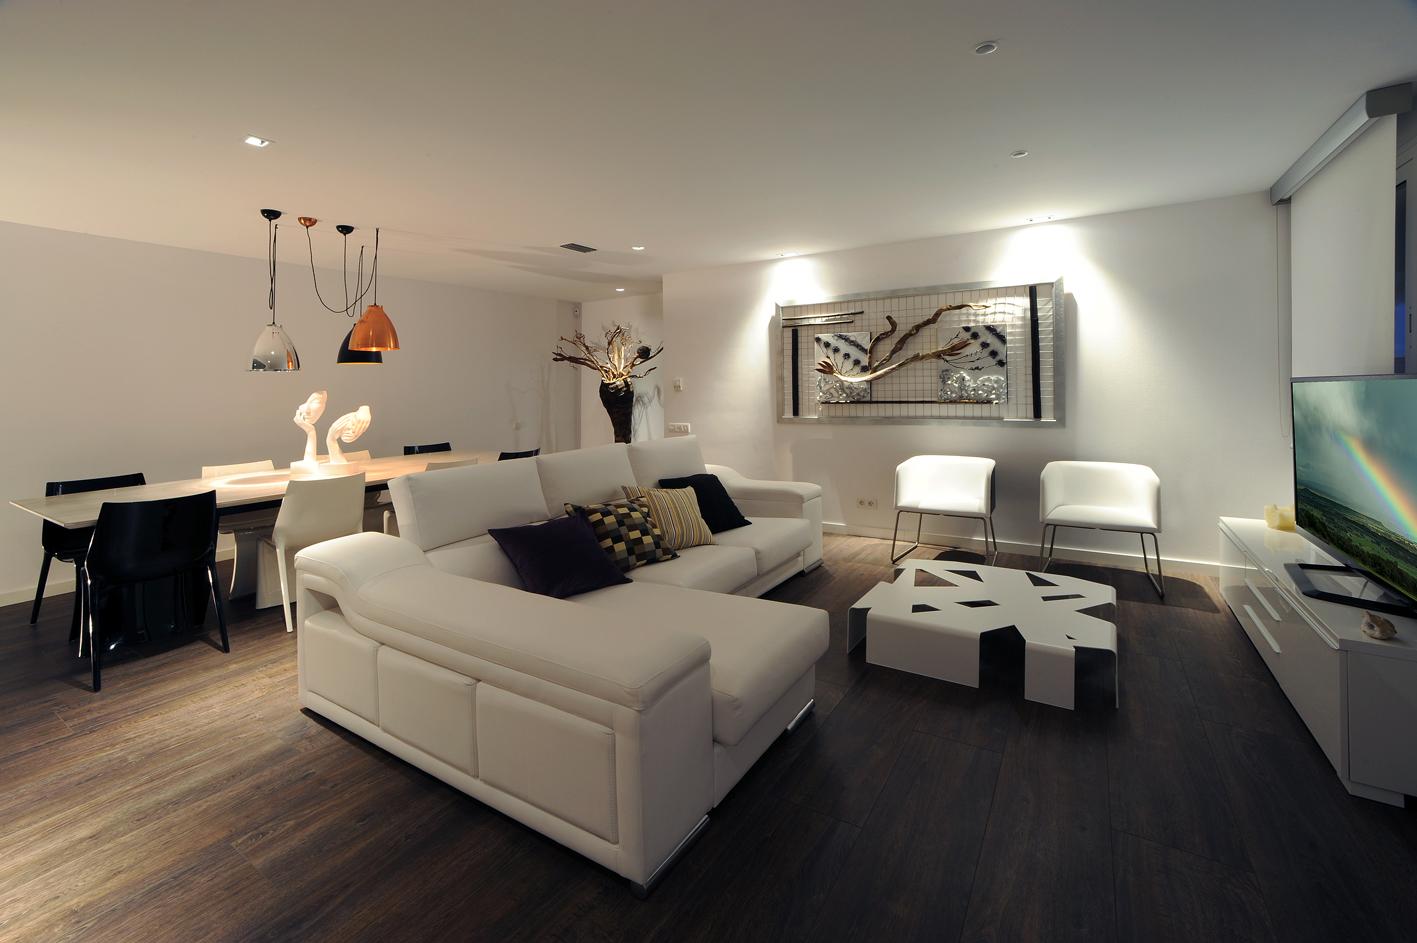 Diseño y arquitectura interior en Barcelona